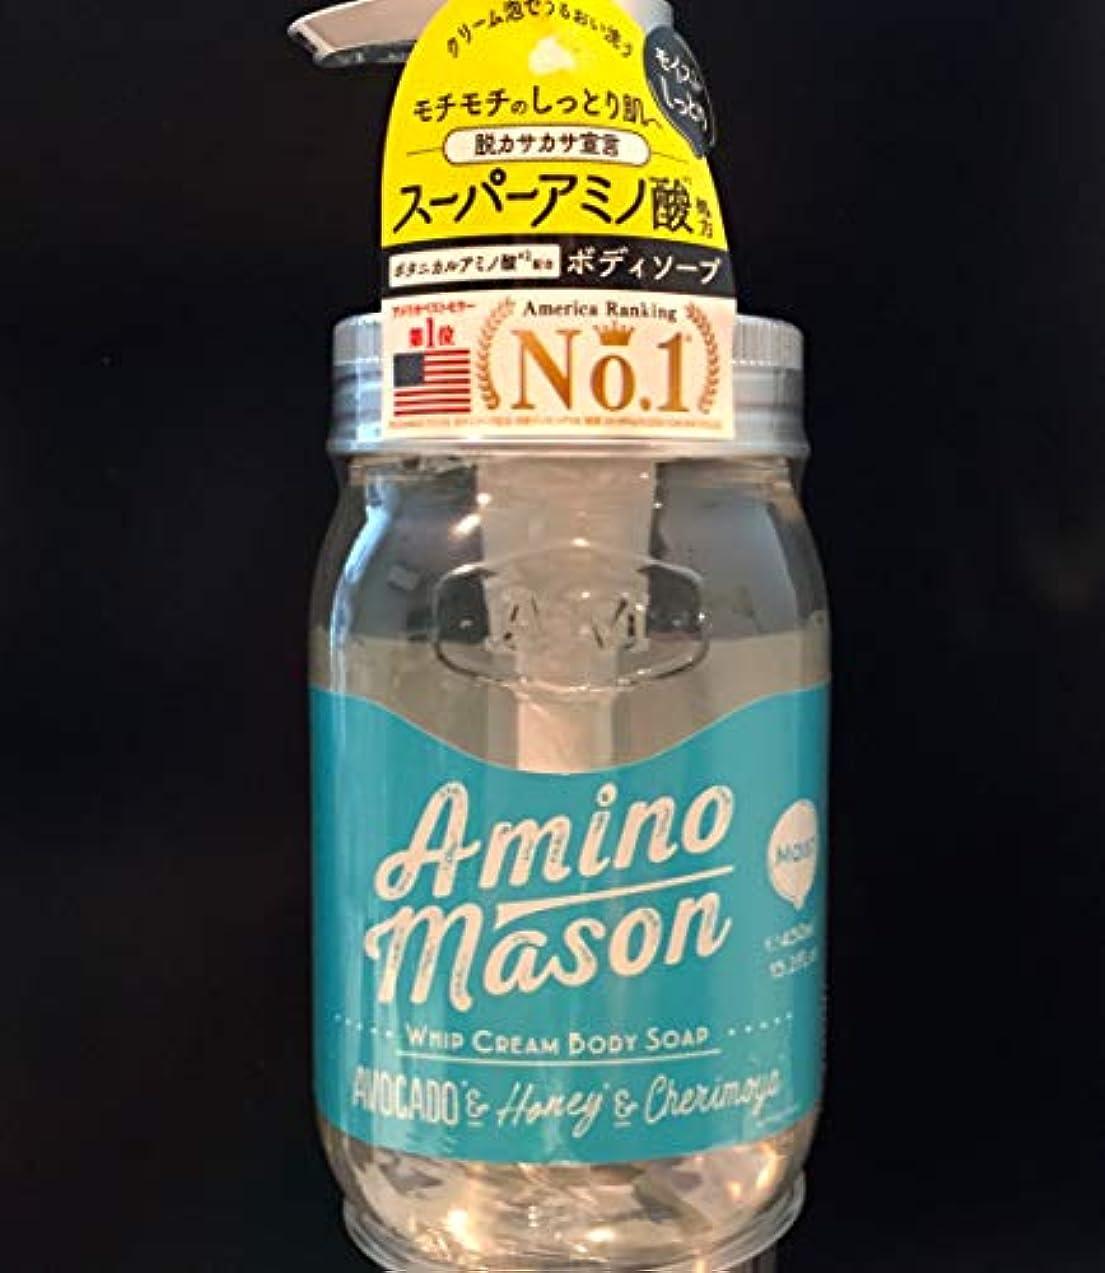 過剰列車夫アミノメイソン ホイップクリーム ボディソープ モイスト(クラシックローズブーケの香)